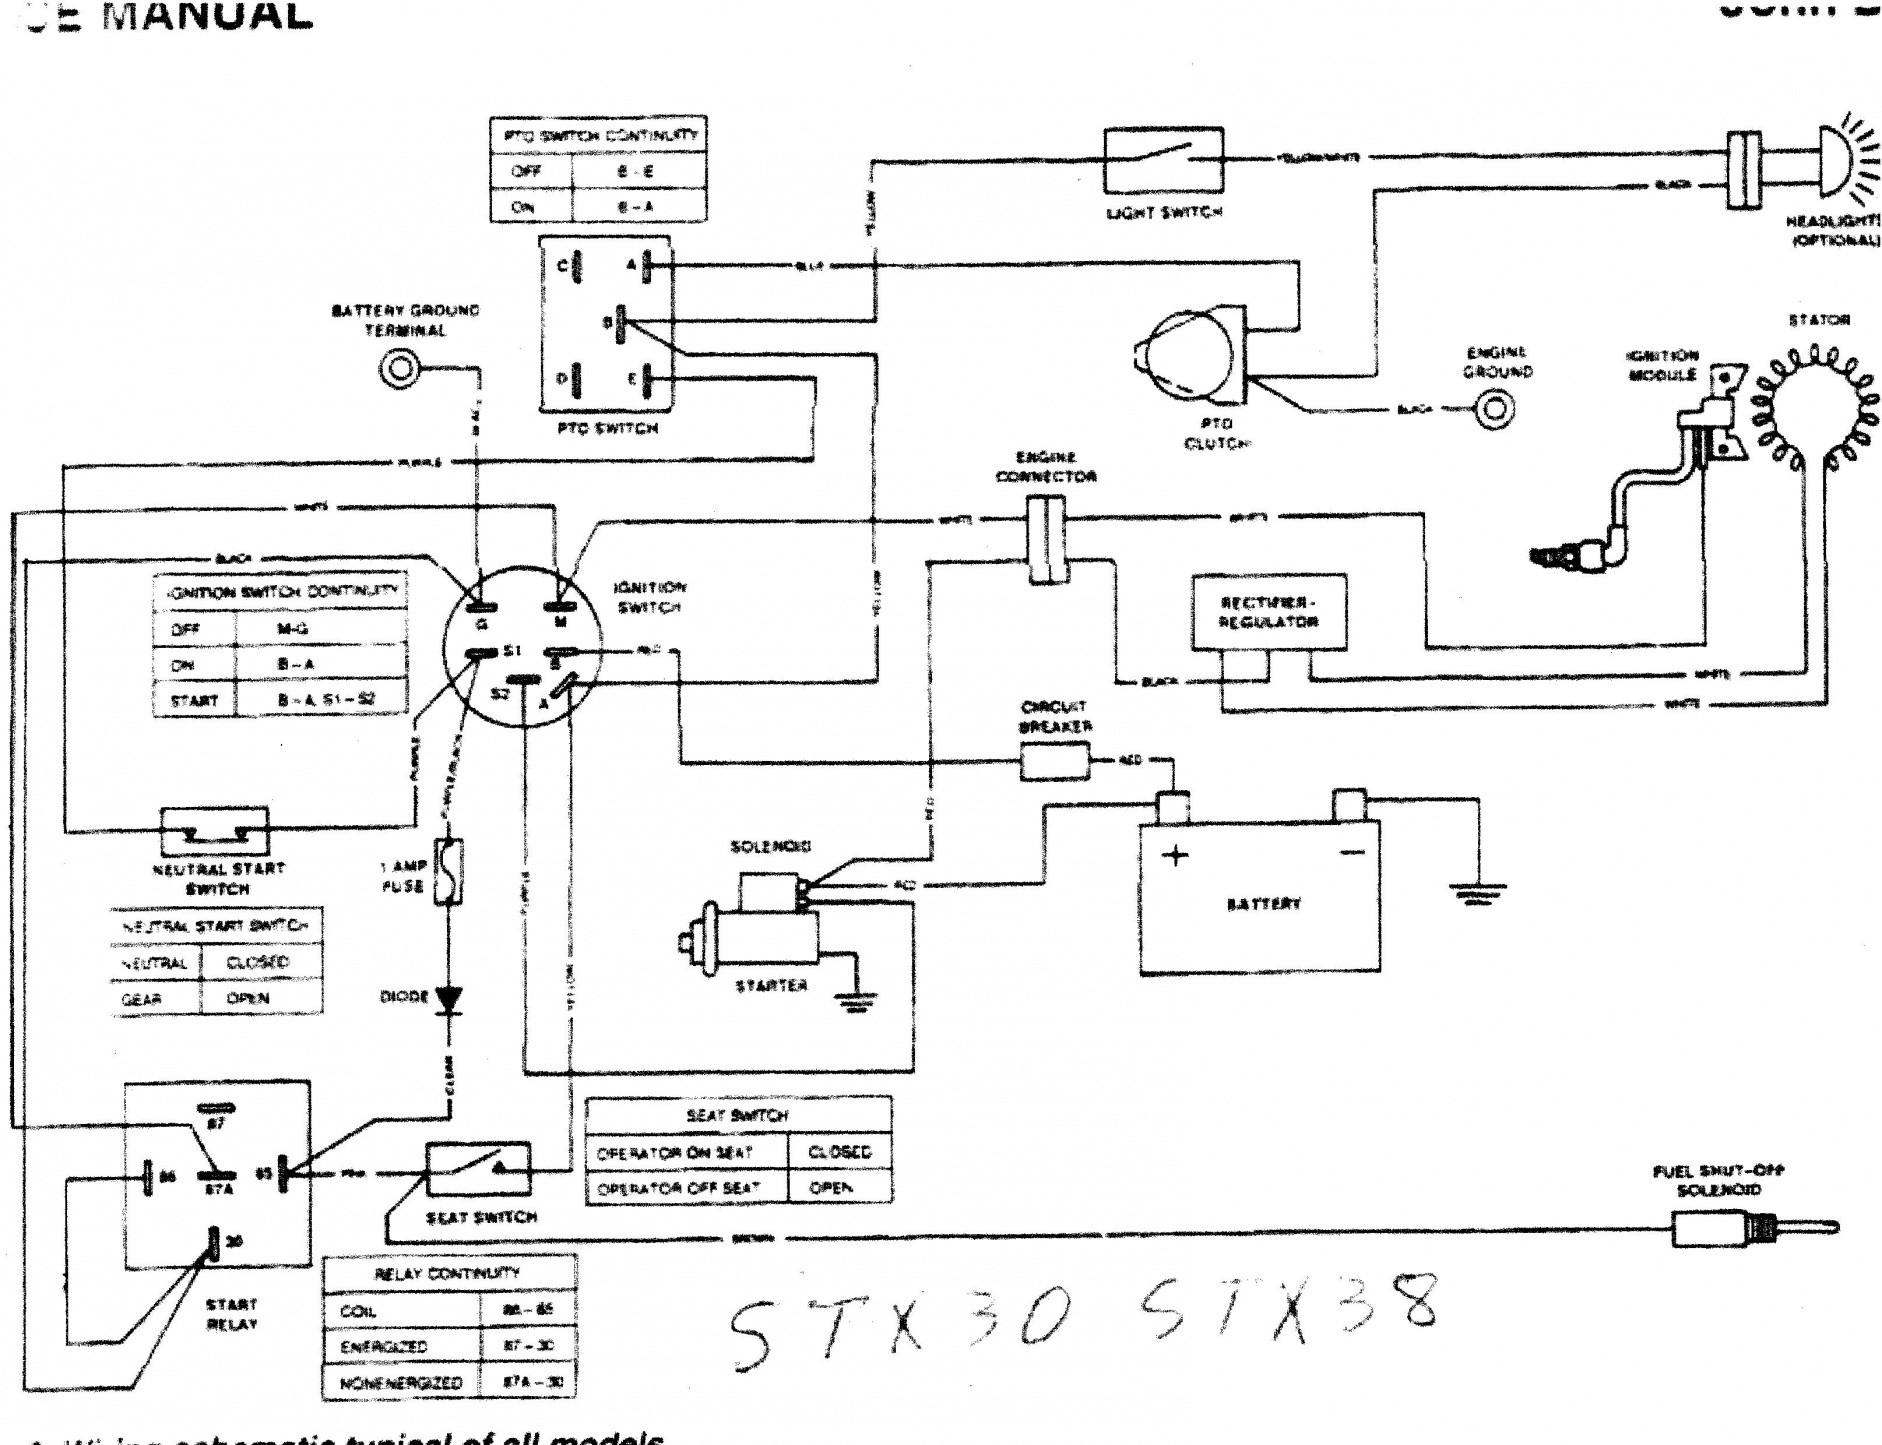 john deere 60 tractor wiring diagram john deere 60 lawn tractor wiring diagram wiring diagram data  john deere 60 lawn tractor wiring